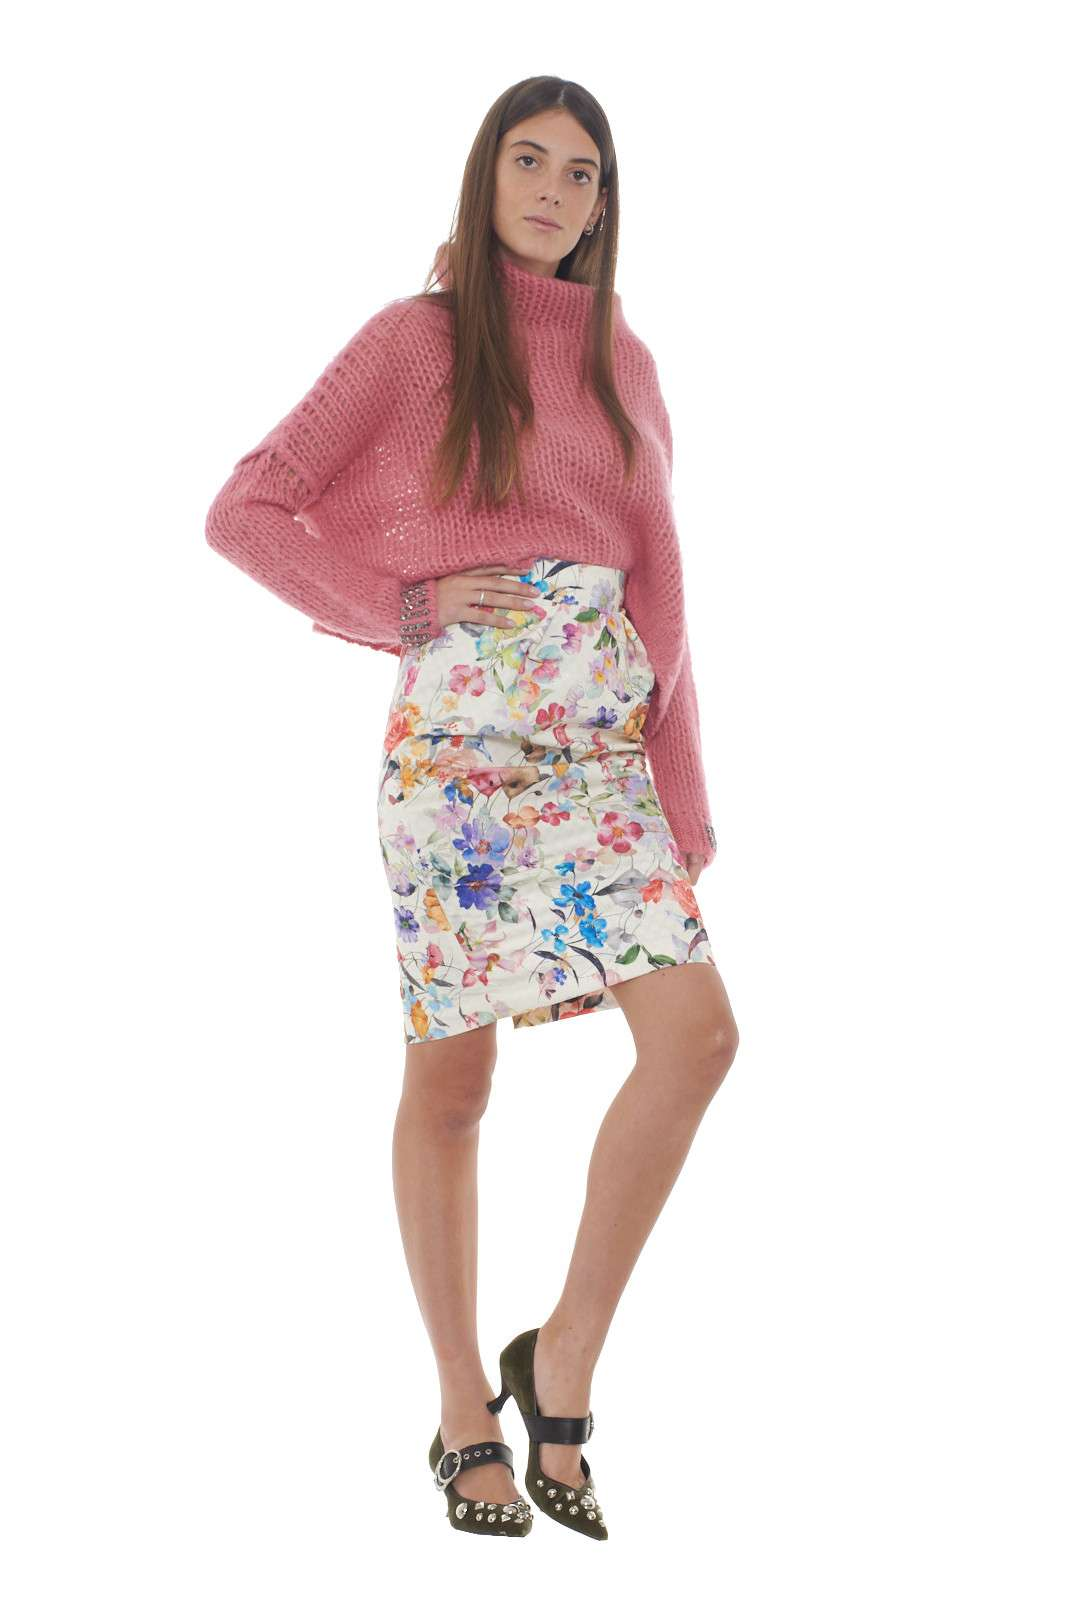 https://www.parmax.com/media/catalog/product/a/i/AI-outlet_parmax-gonna-donna-Lana-Caprina-LC544-D.jpg